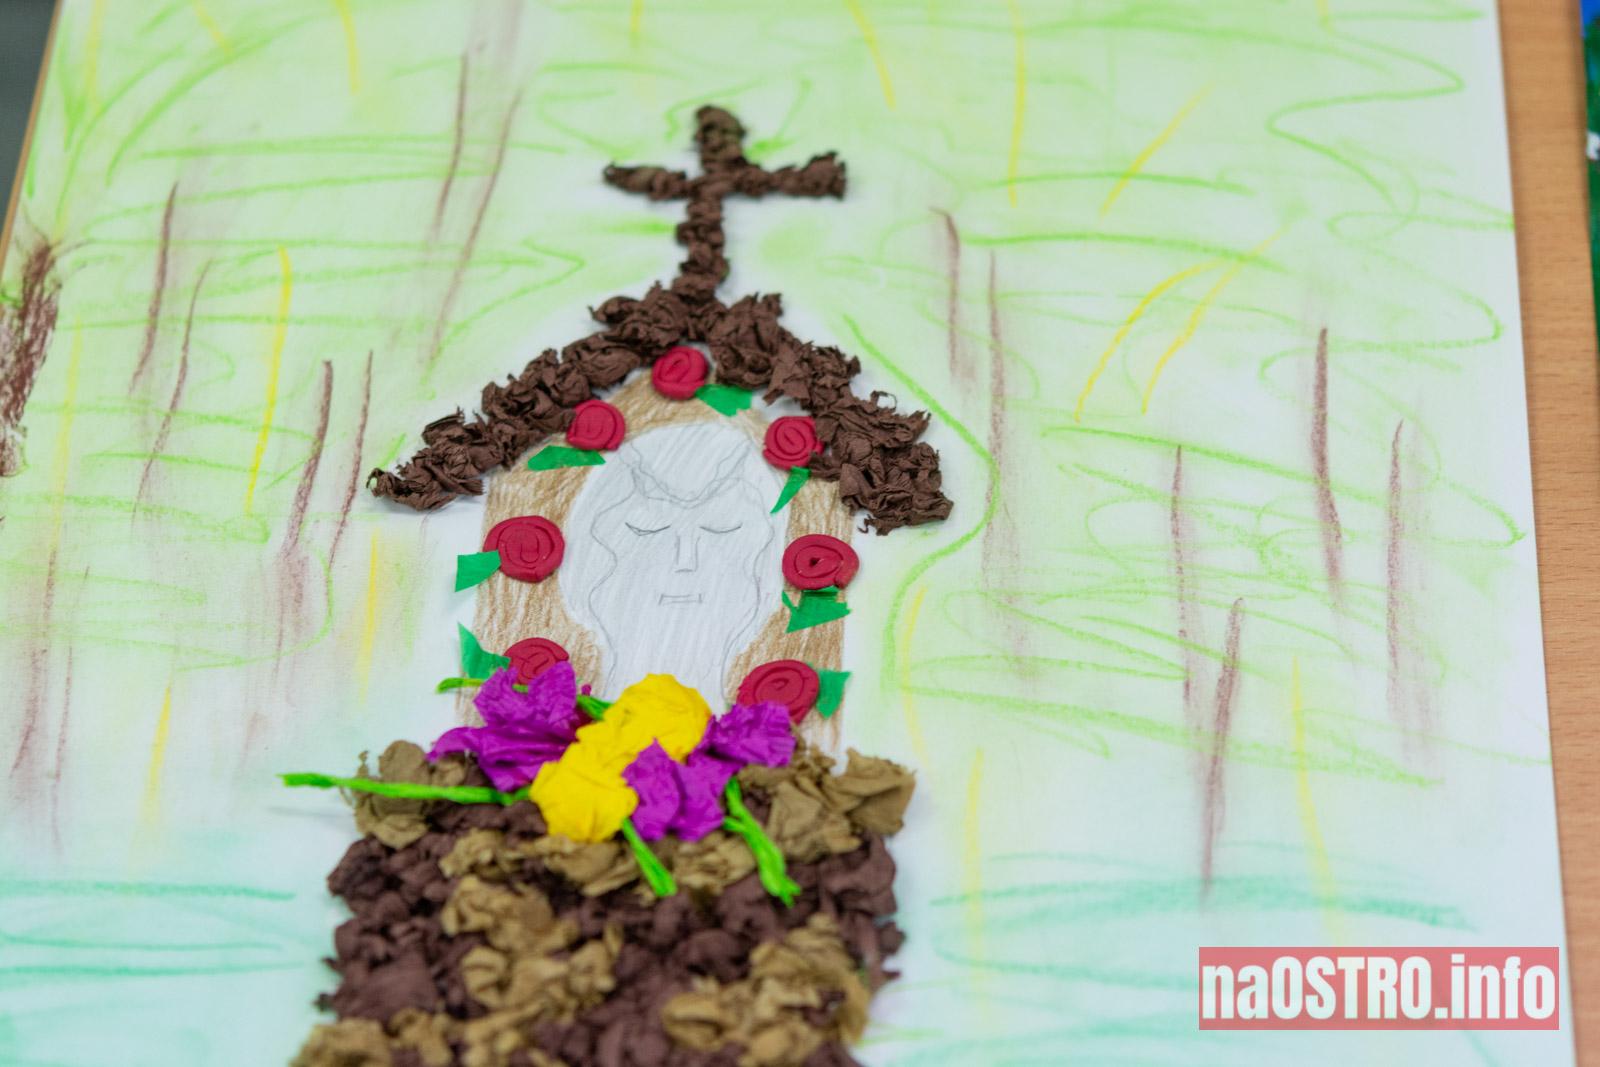 NaOSTROinfo Konkurs Kapliczki Doły Biskupie-13